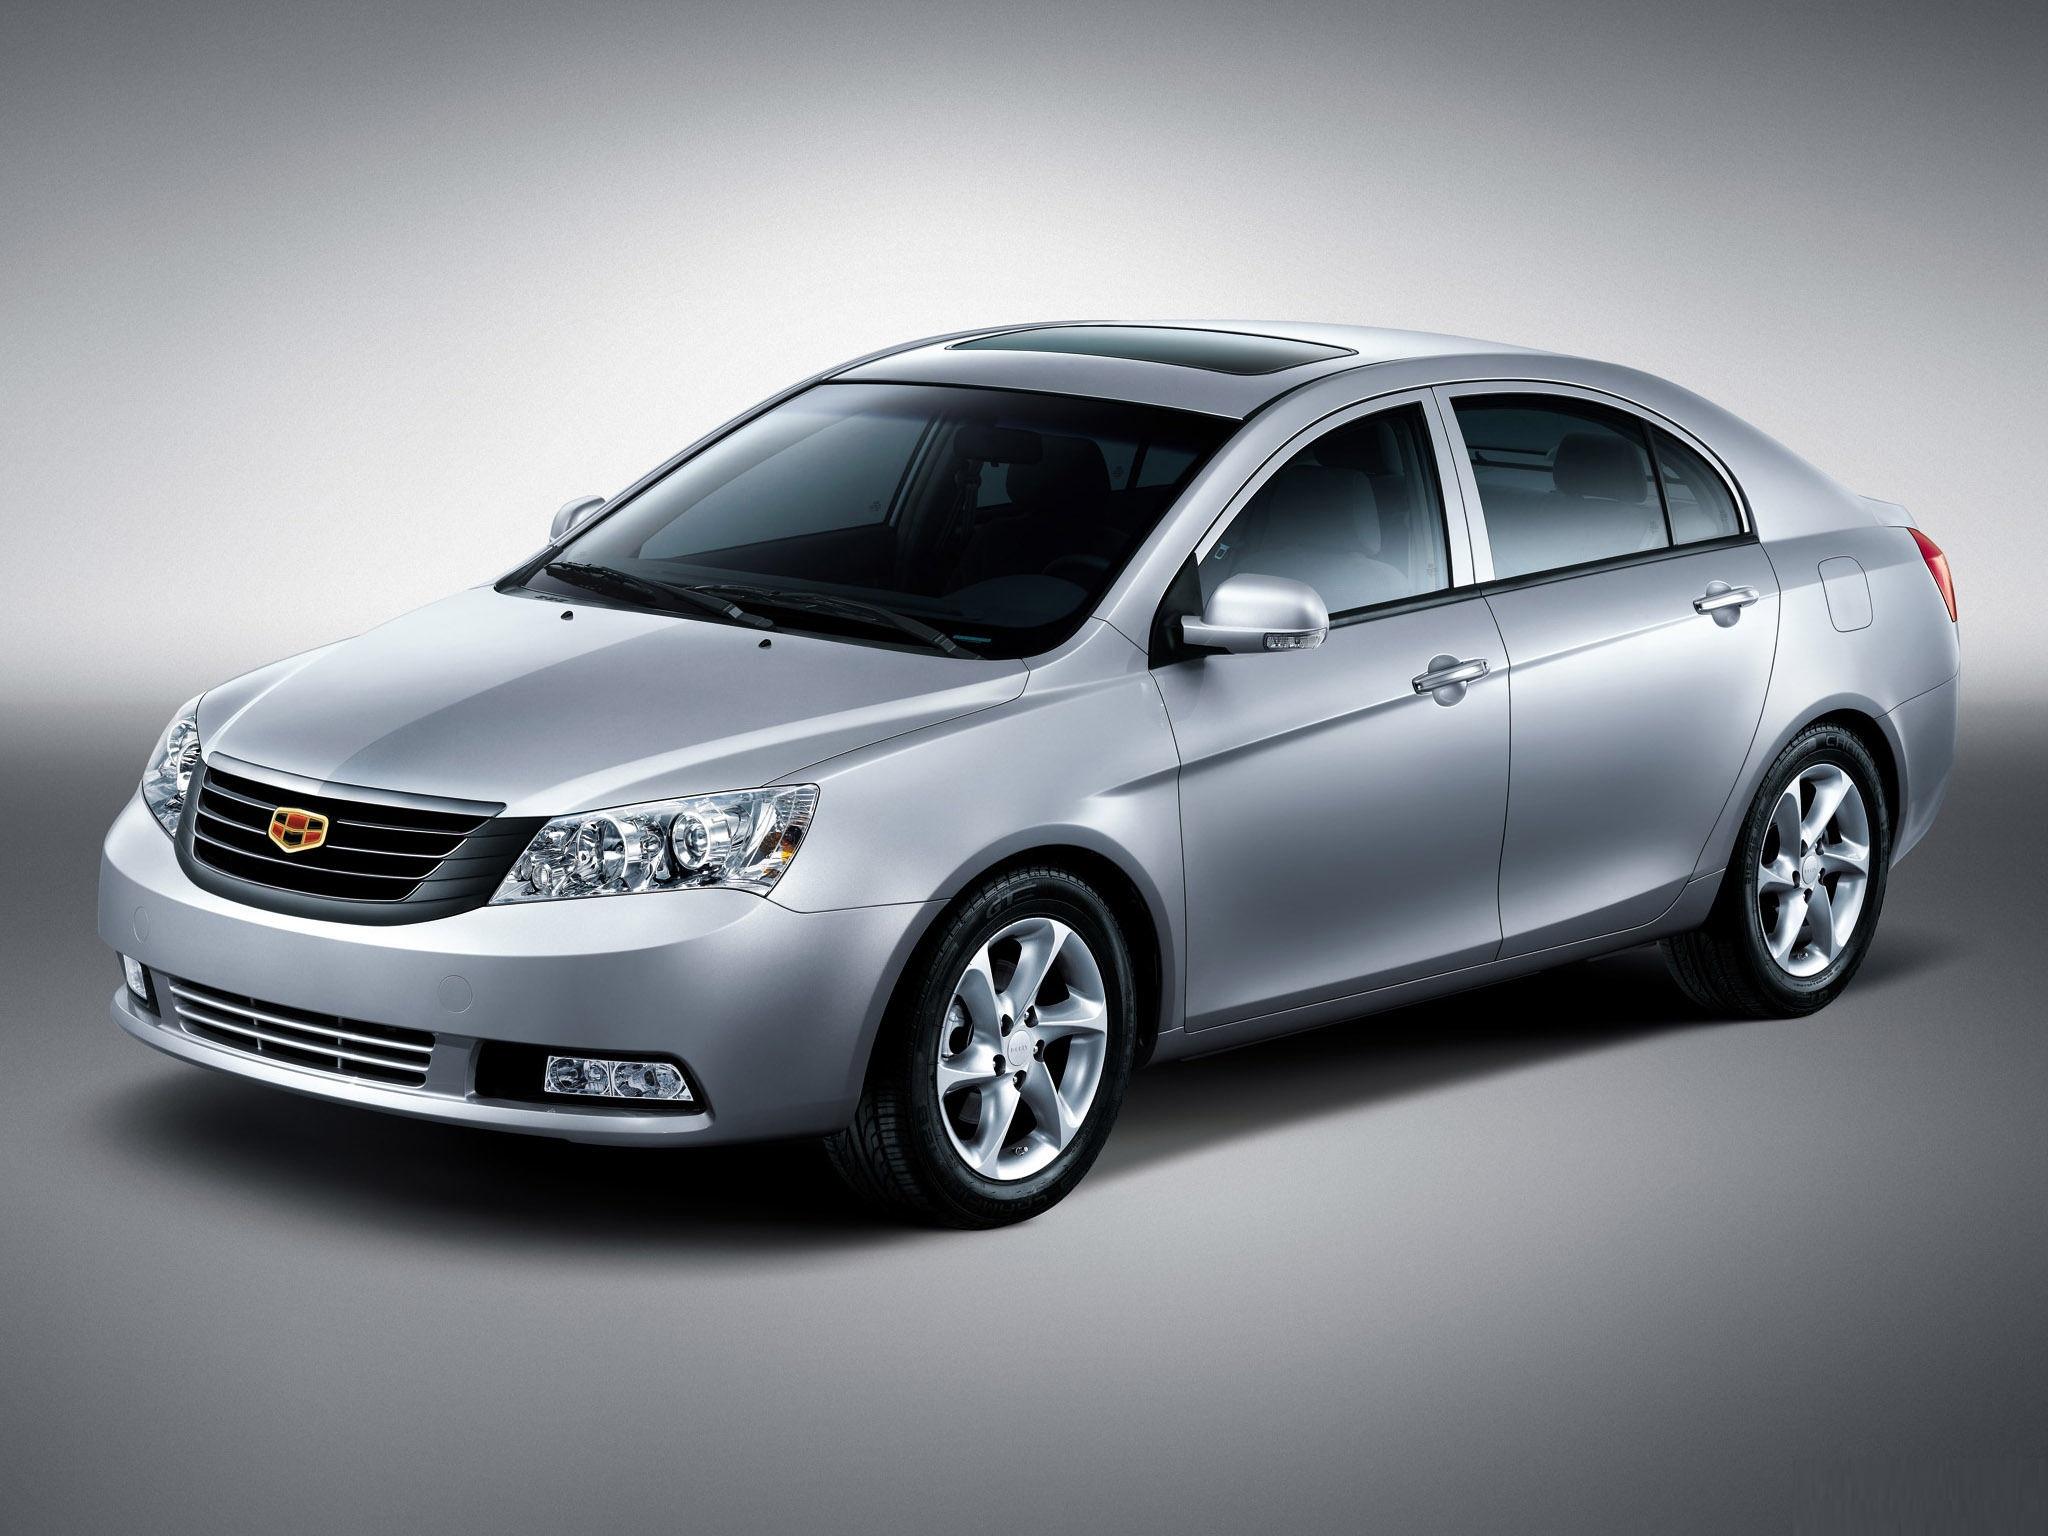 Китайский автомобиль Geely Emgrand с вариатором